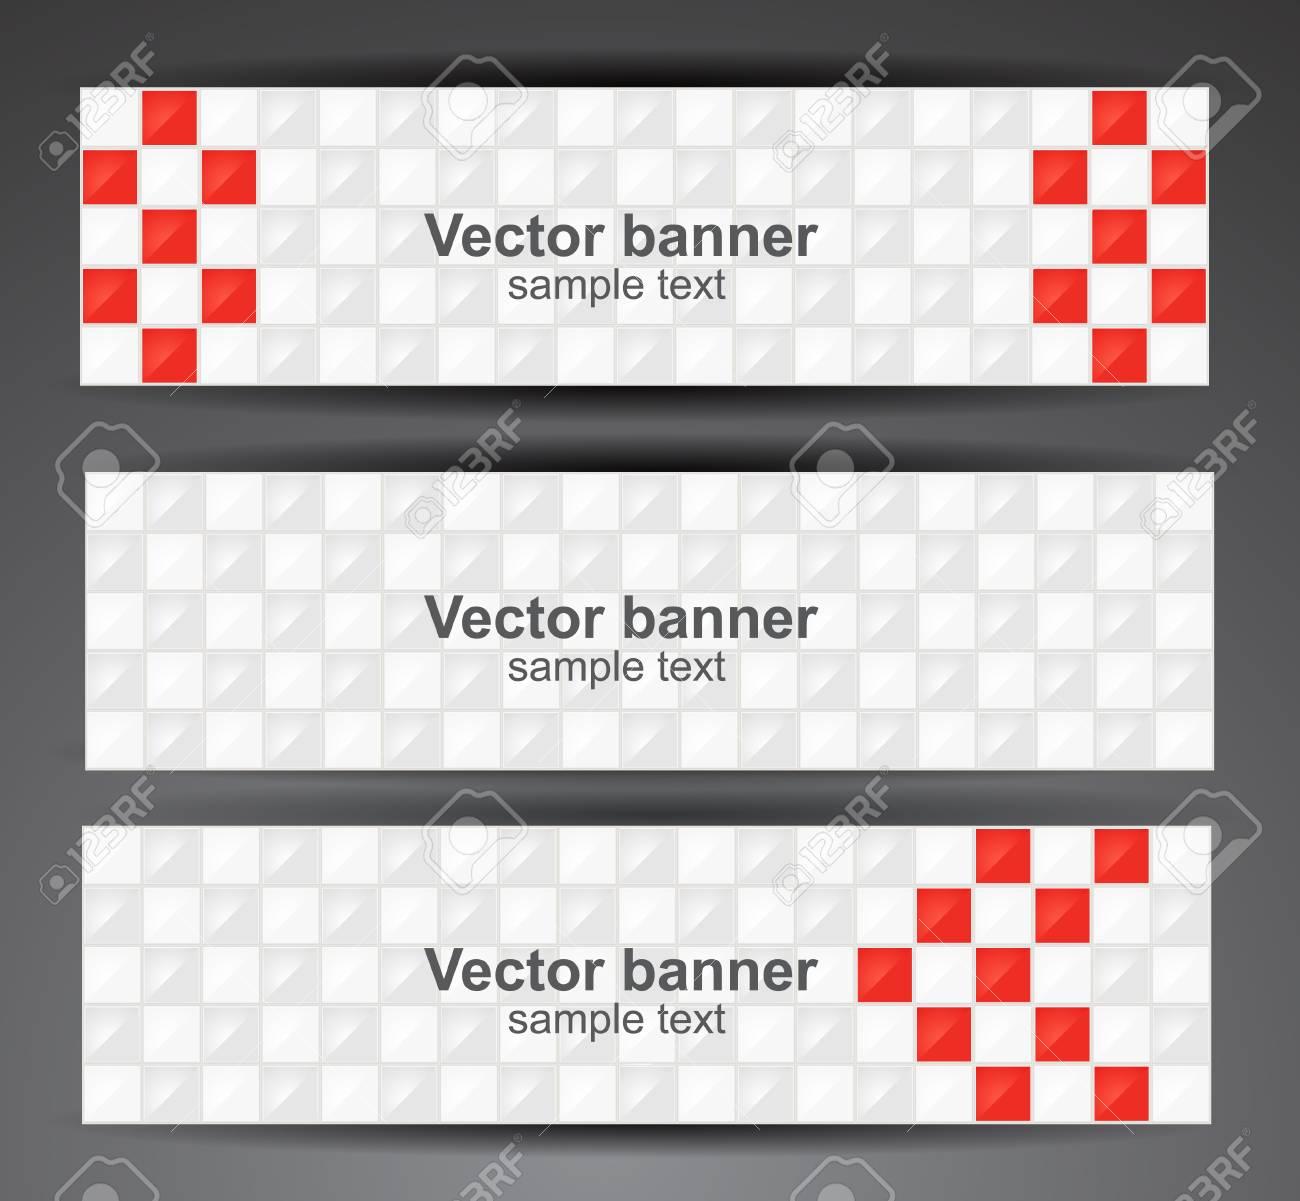 Web pixel banners  Vector Stock Vector - 12470355